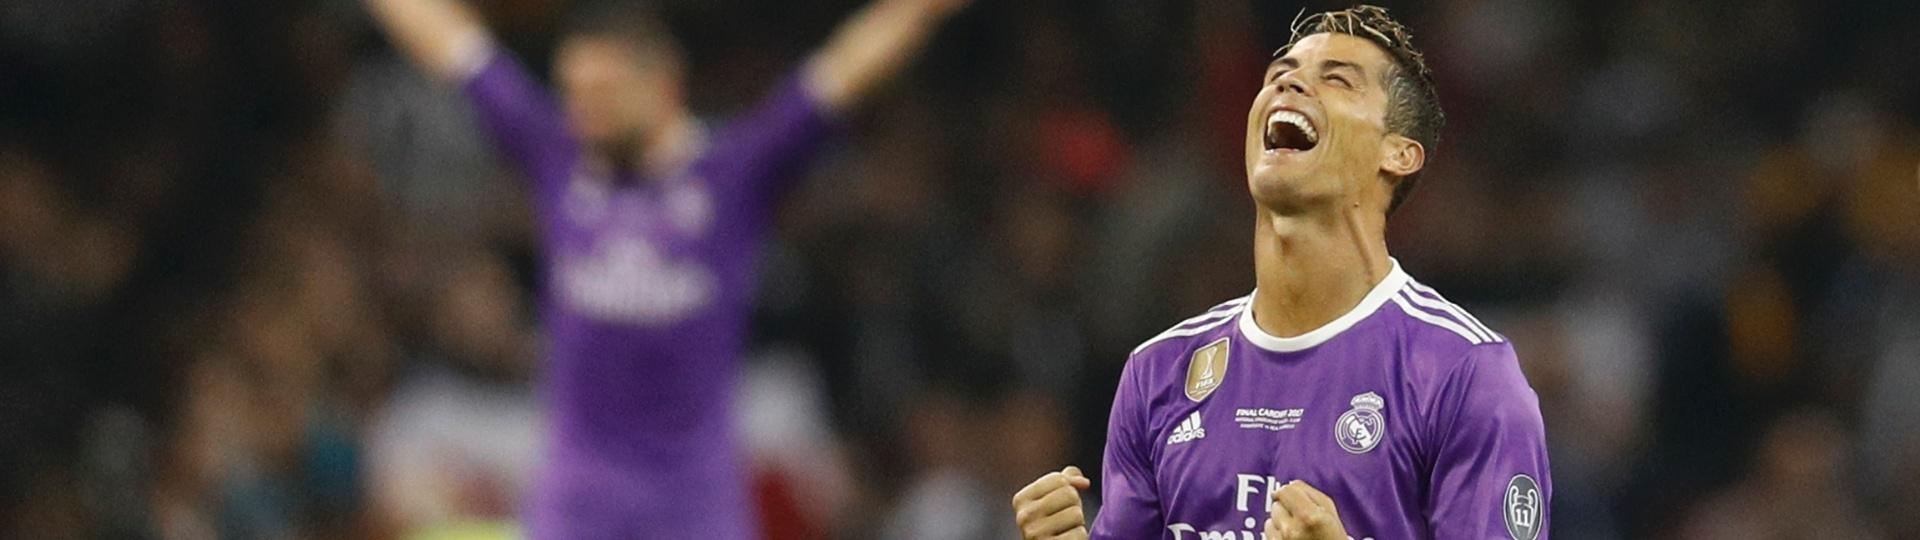 Cristiano Ronaldo comemora ao apito final da vitória sobre a Juventus na final da Champions